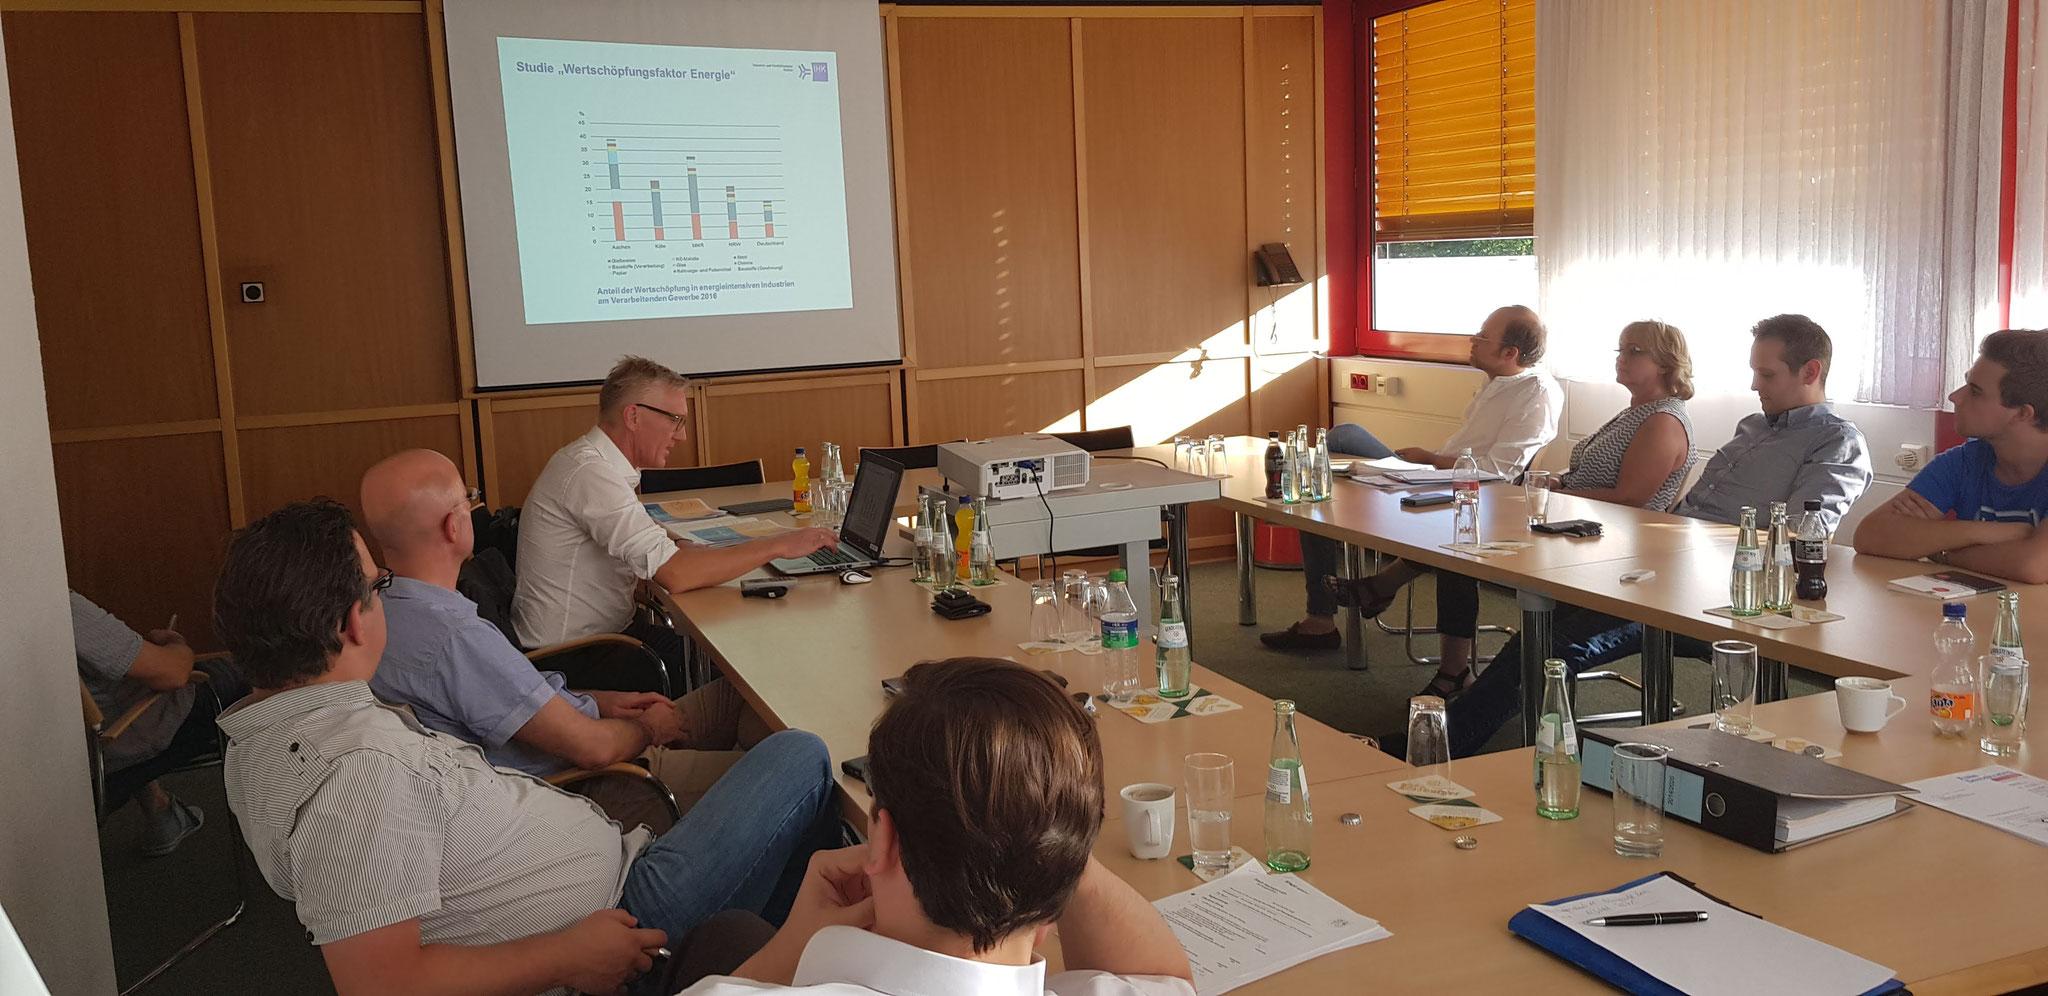 Diskussion mit IHK-Vertretern über Energiekonzept der Zukunft